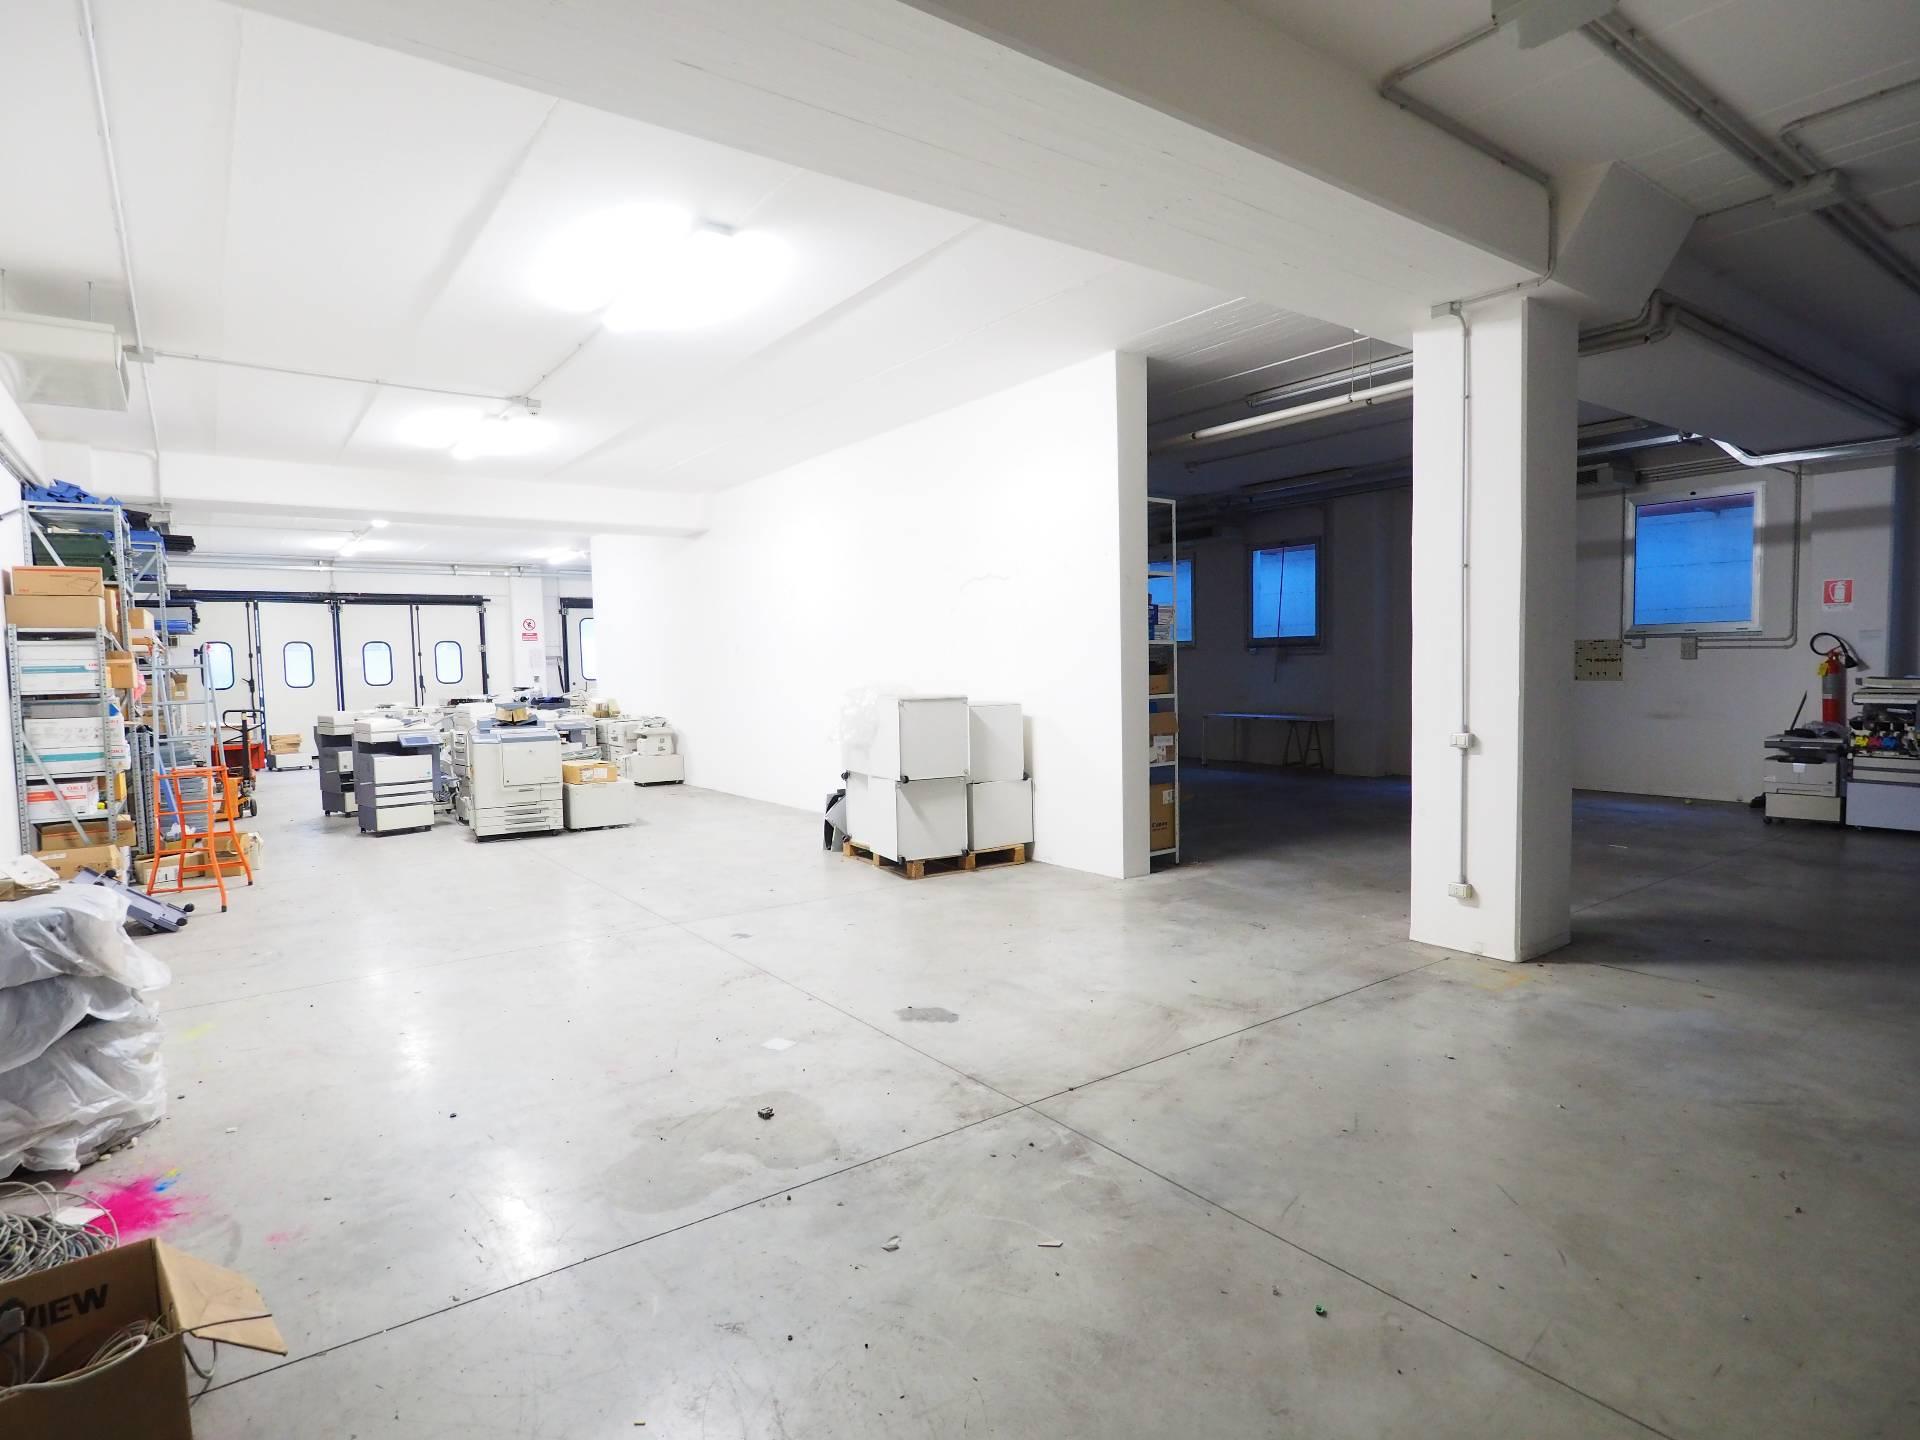 Laboratorio in vendita a Montecosaro, 9999 locali, zona Località: MontecosaroScalo, prezzo € 90.000 | Cambio Casa.it